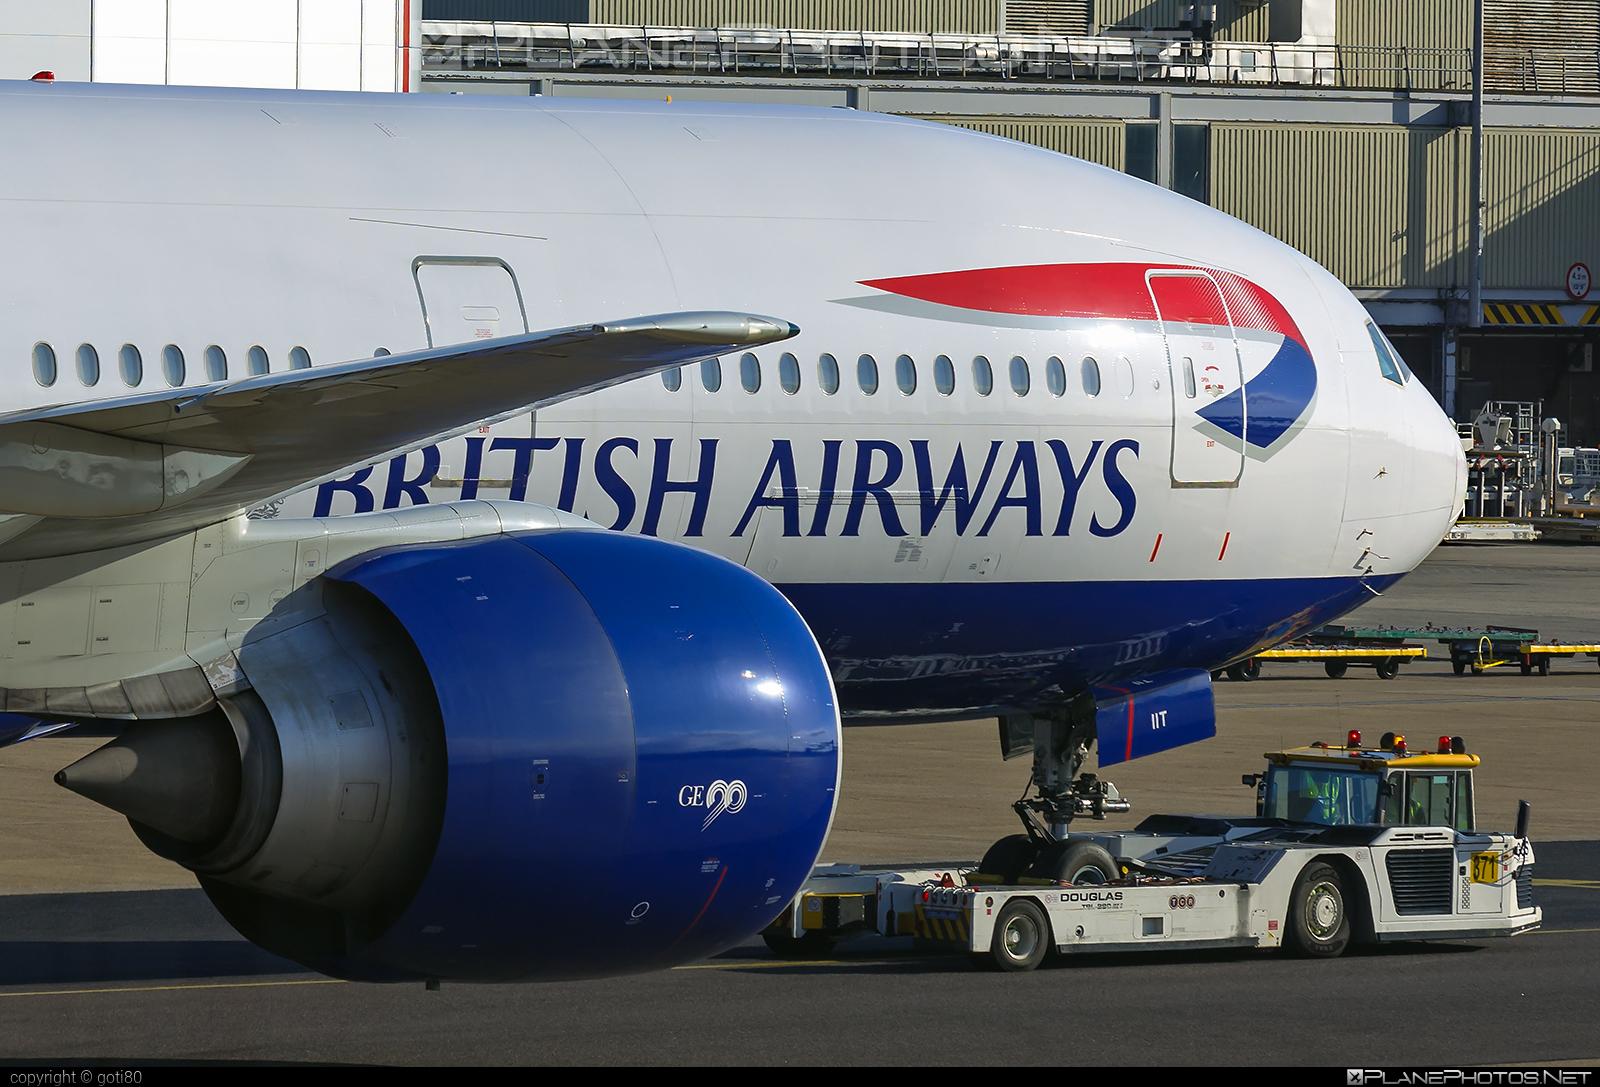 Boeing 777-200ER - G-VIIT operated by British Airways #b777 #b777er #boeing #boeing777 #britishairways #tripleseven